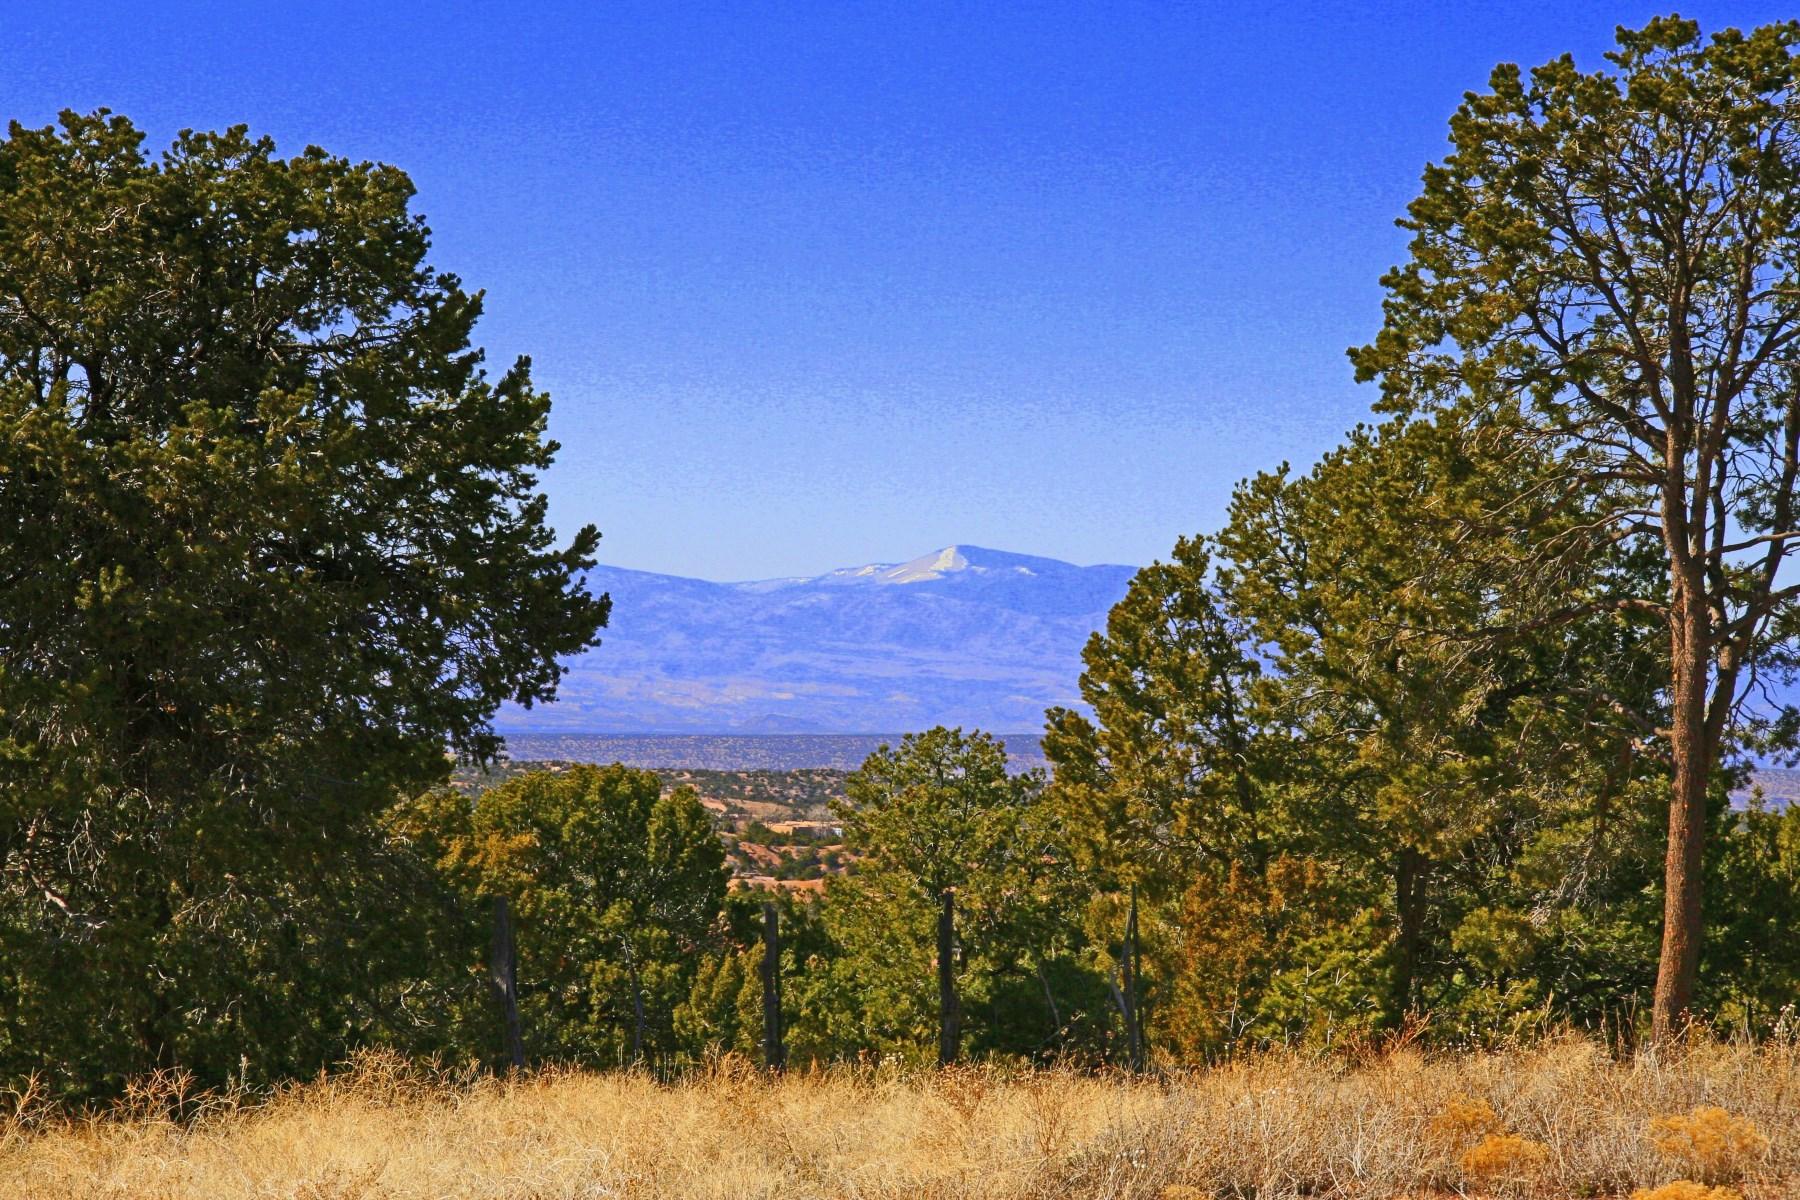 Terreno per Vendita alle ore Brownell Howland Road Tract 8-A1,8-A2 An Santa Fe, Nuovo Messico, 87501 Stati Uniti